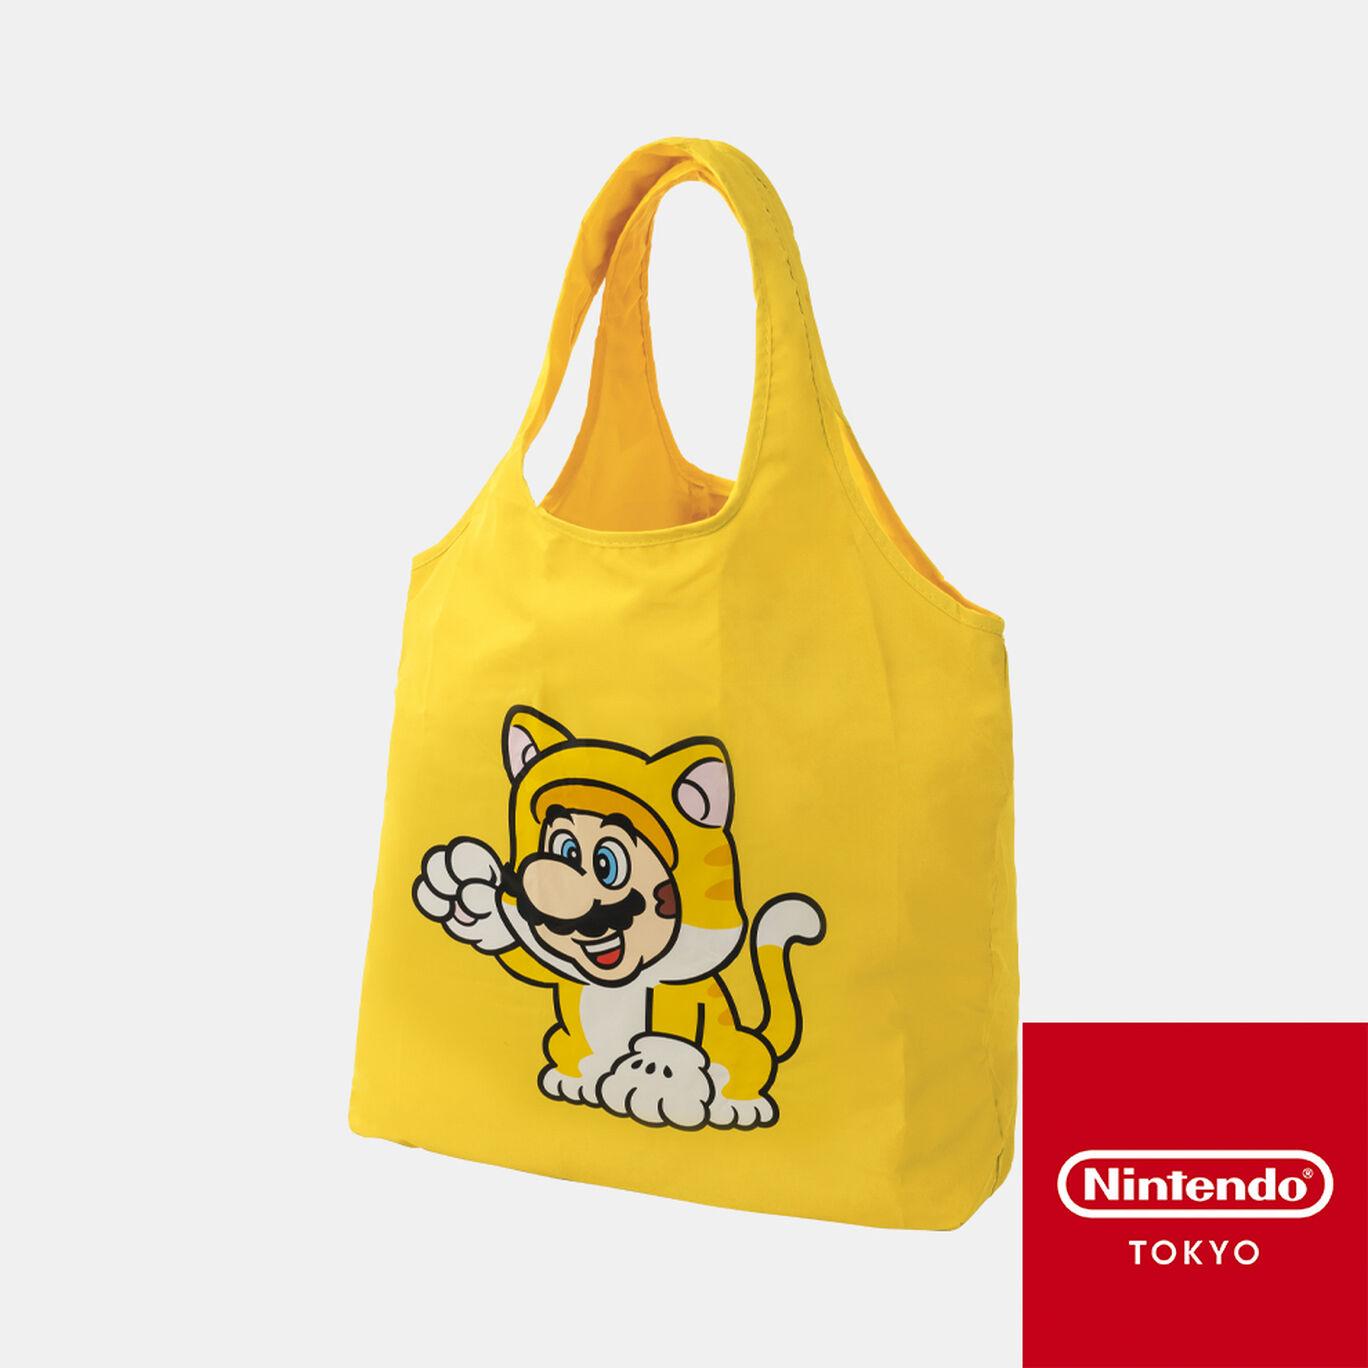 折りたたみバッグ スーパーマリオ パワーアップ B【Nintendo TOKYO取り扱い商品】